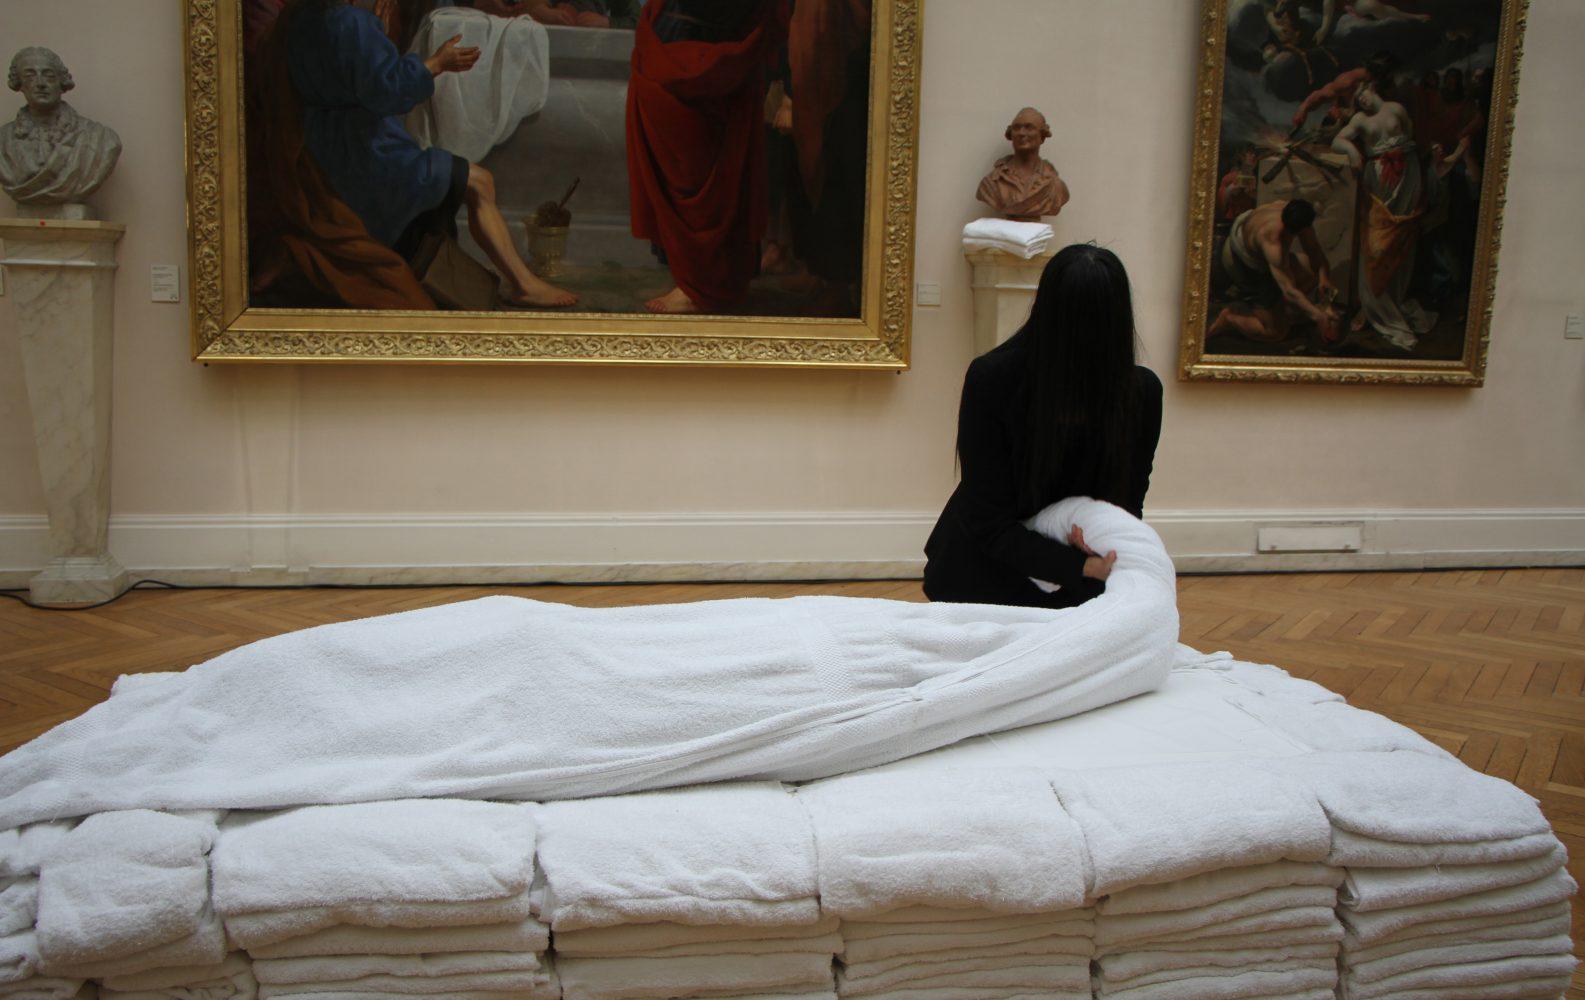 Nadia Lauro – Mille et un plis - Mille et un plis 2012